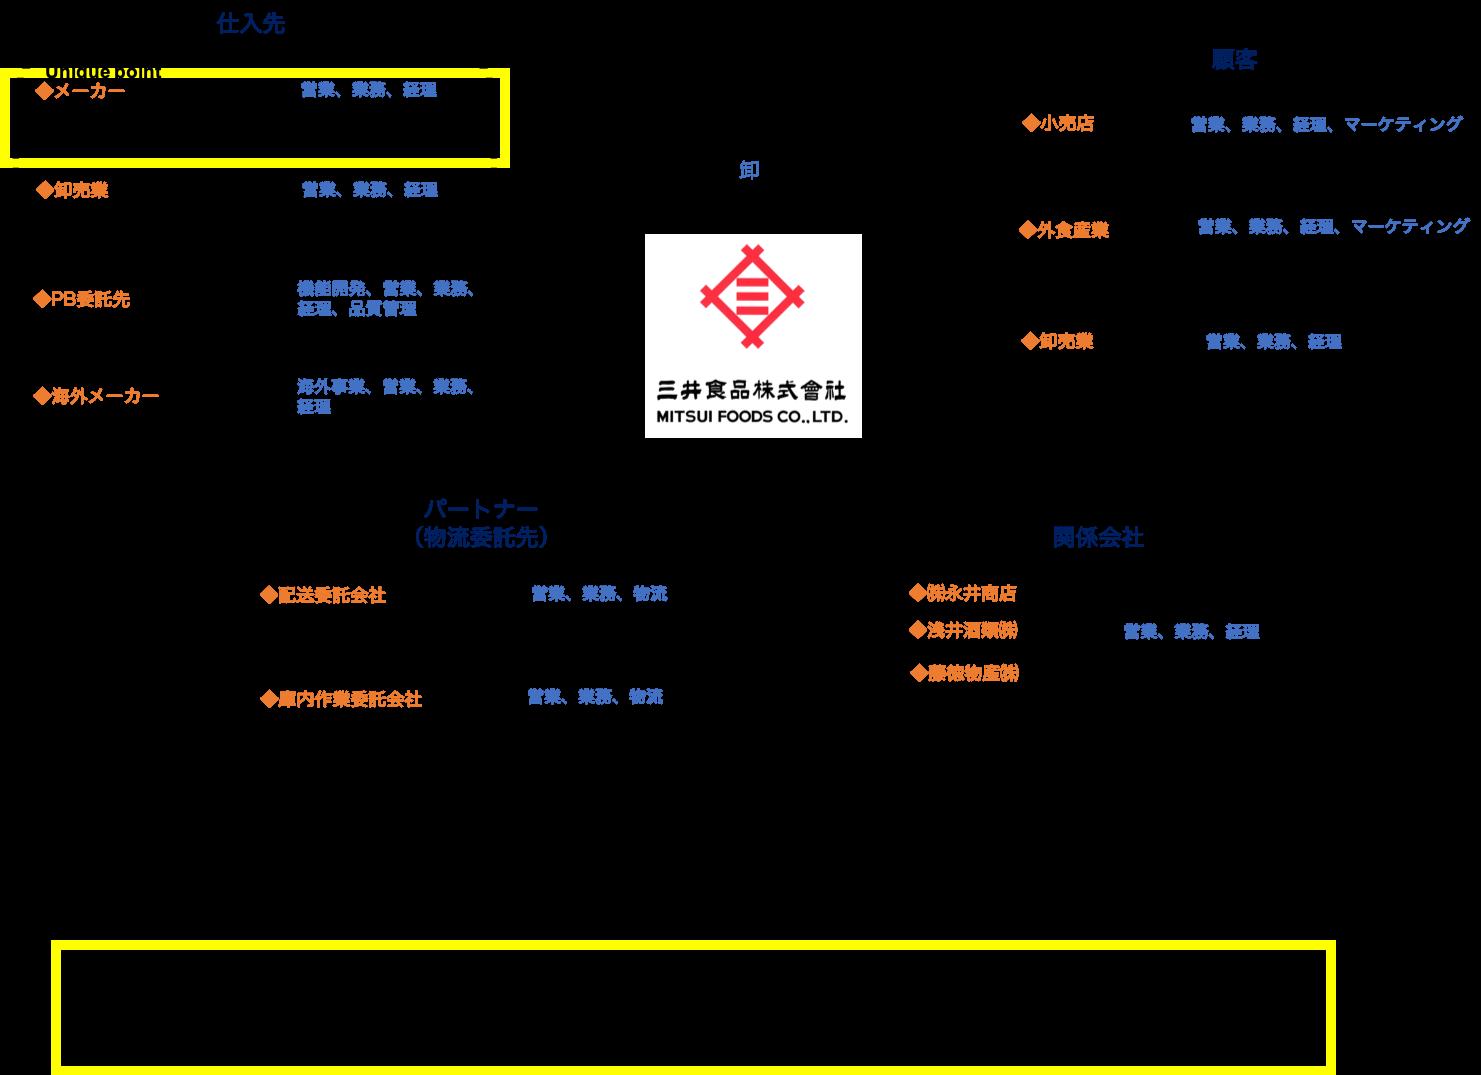 三井食品とつながりのある企業・職種・人